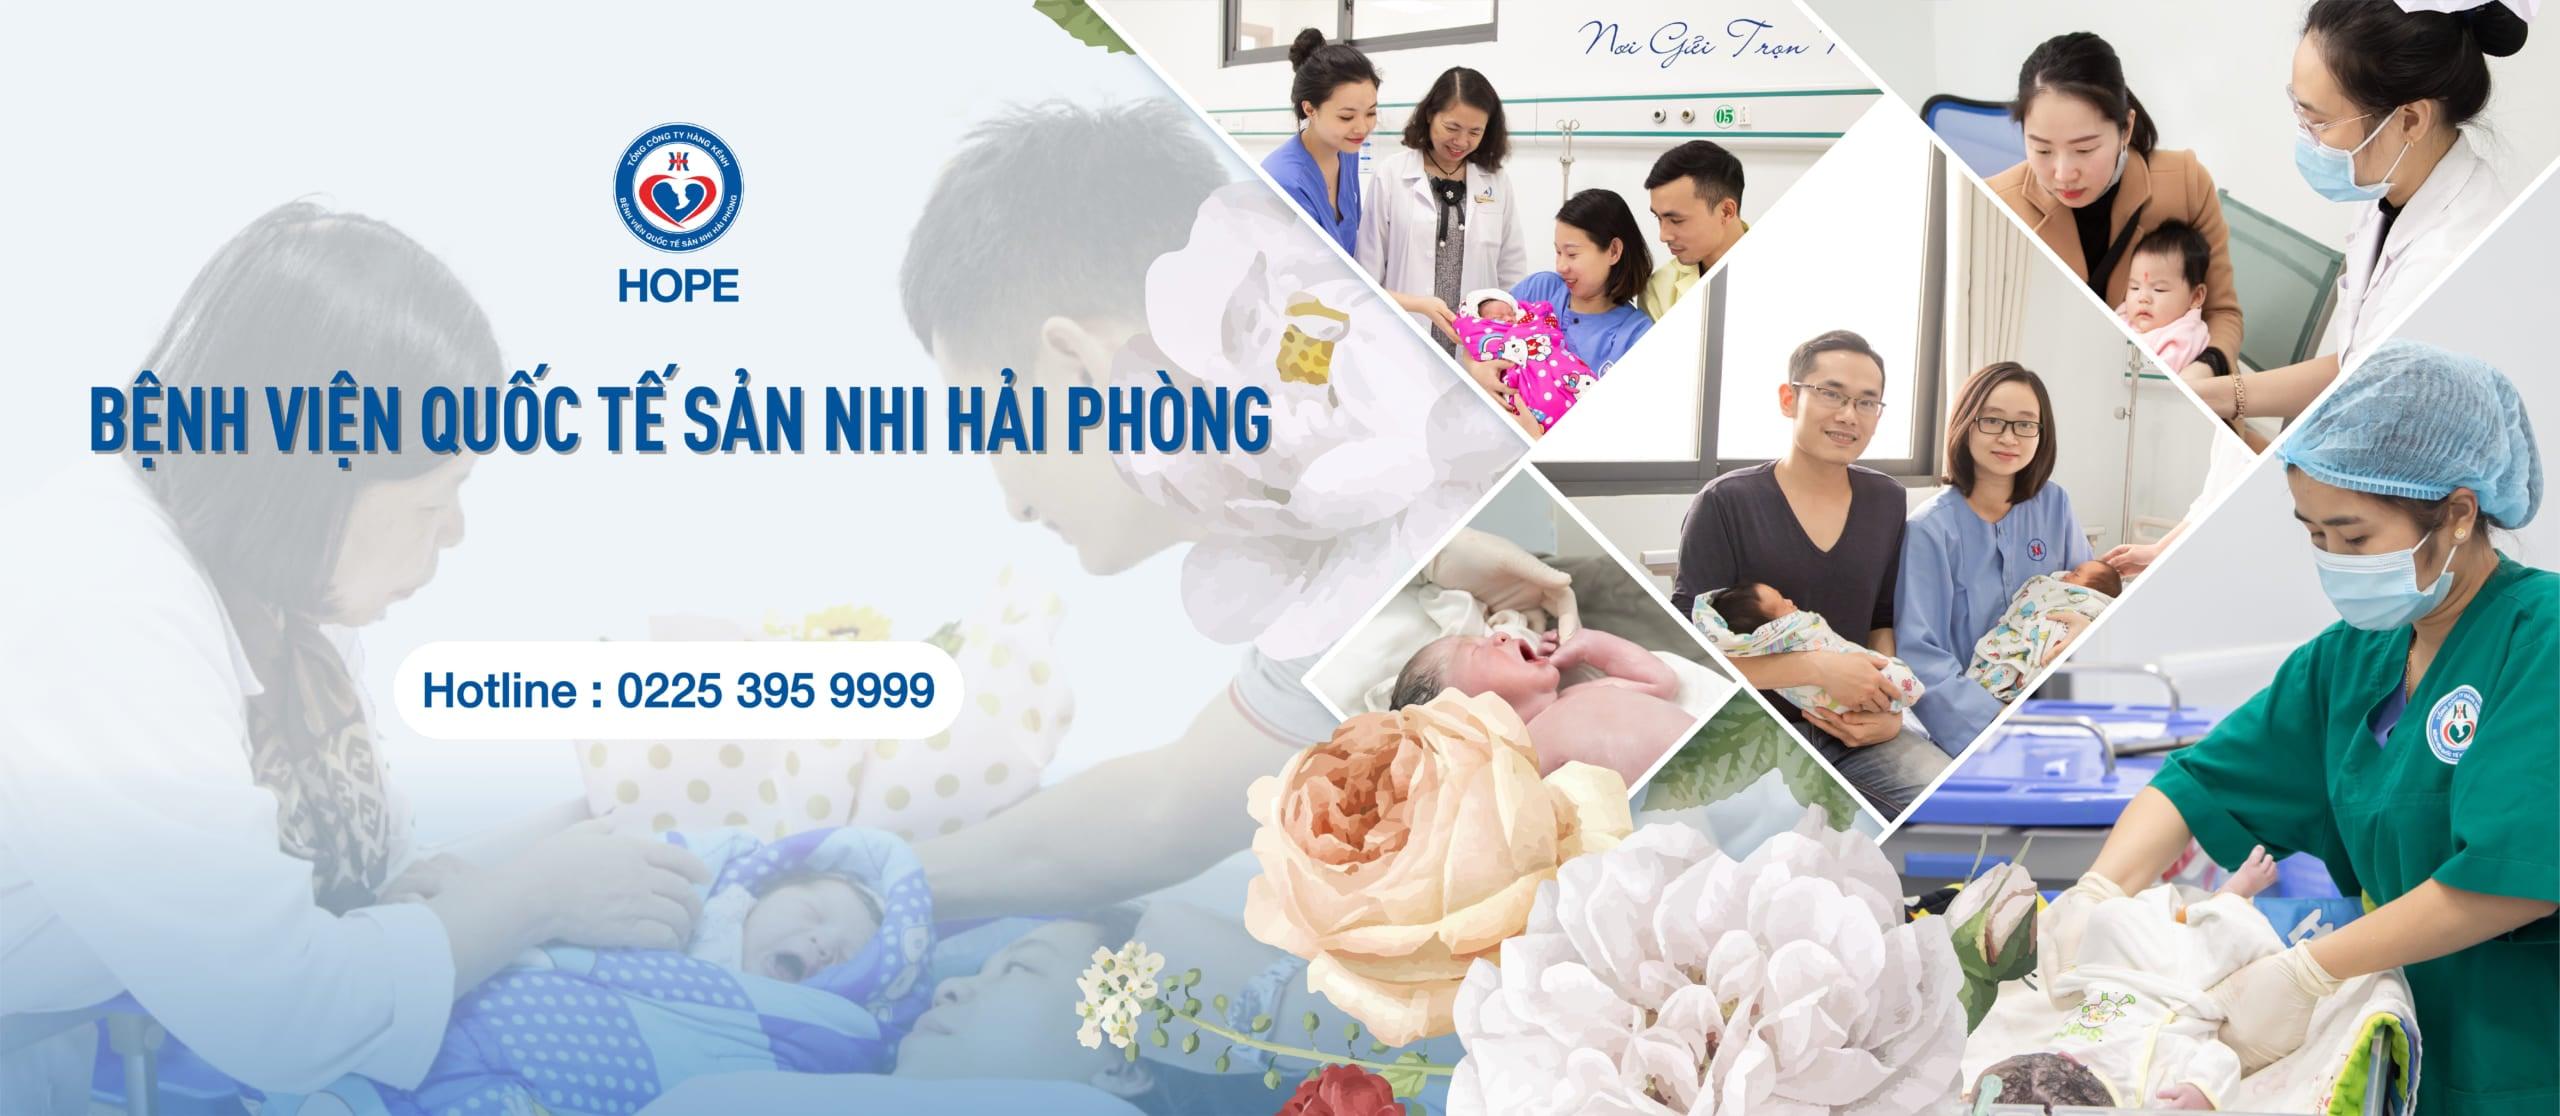 Bệnh viện Quốc tế Sản Nhi Hải Phòng